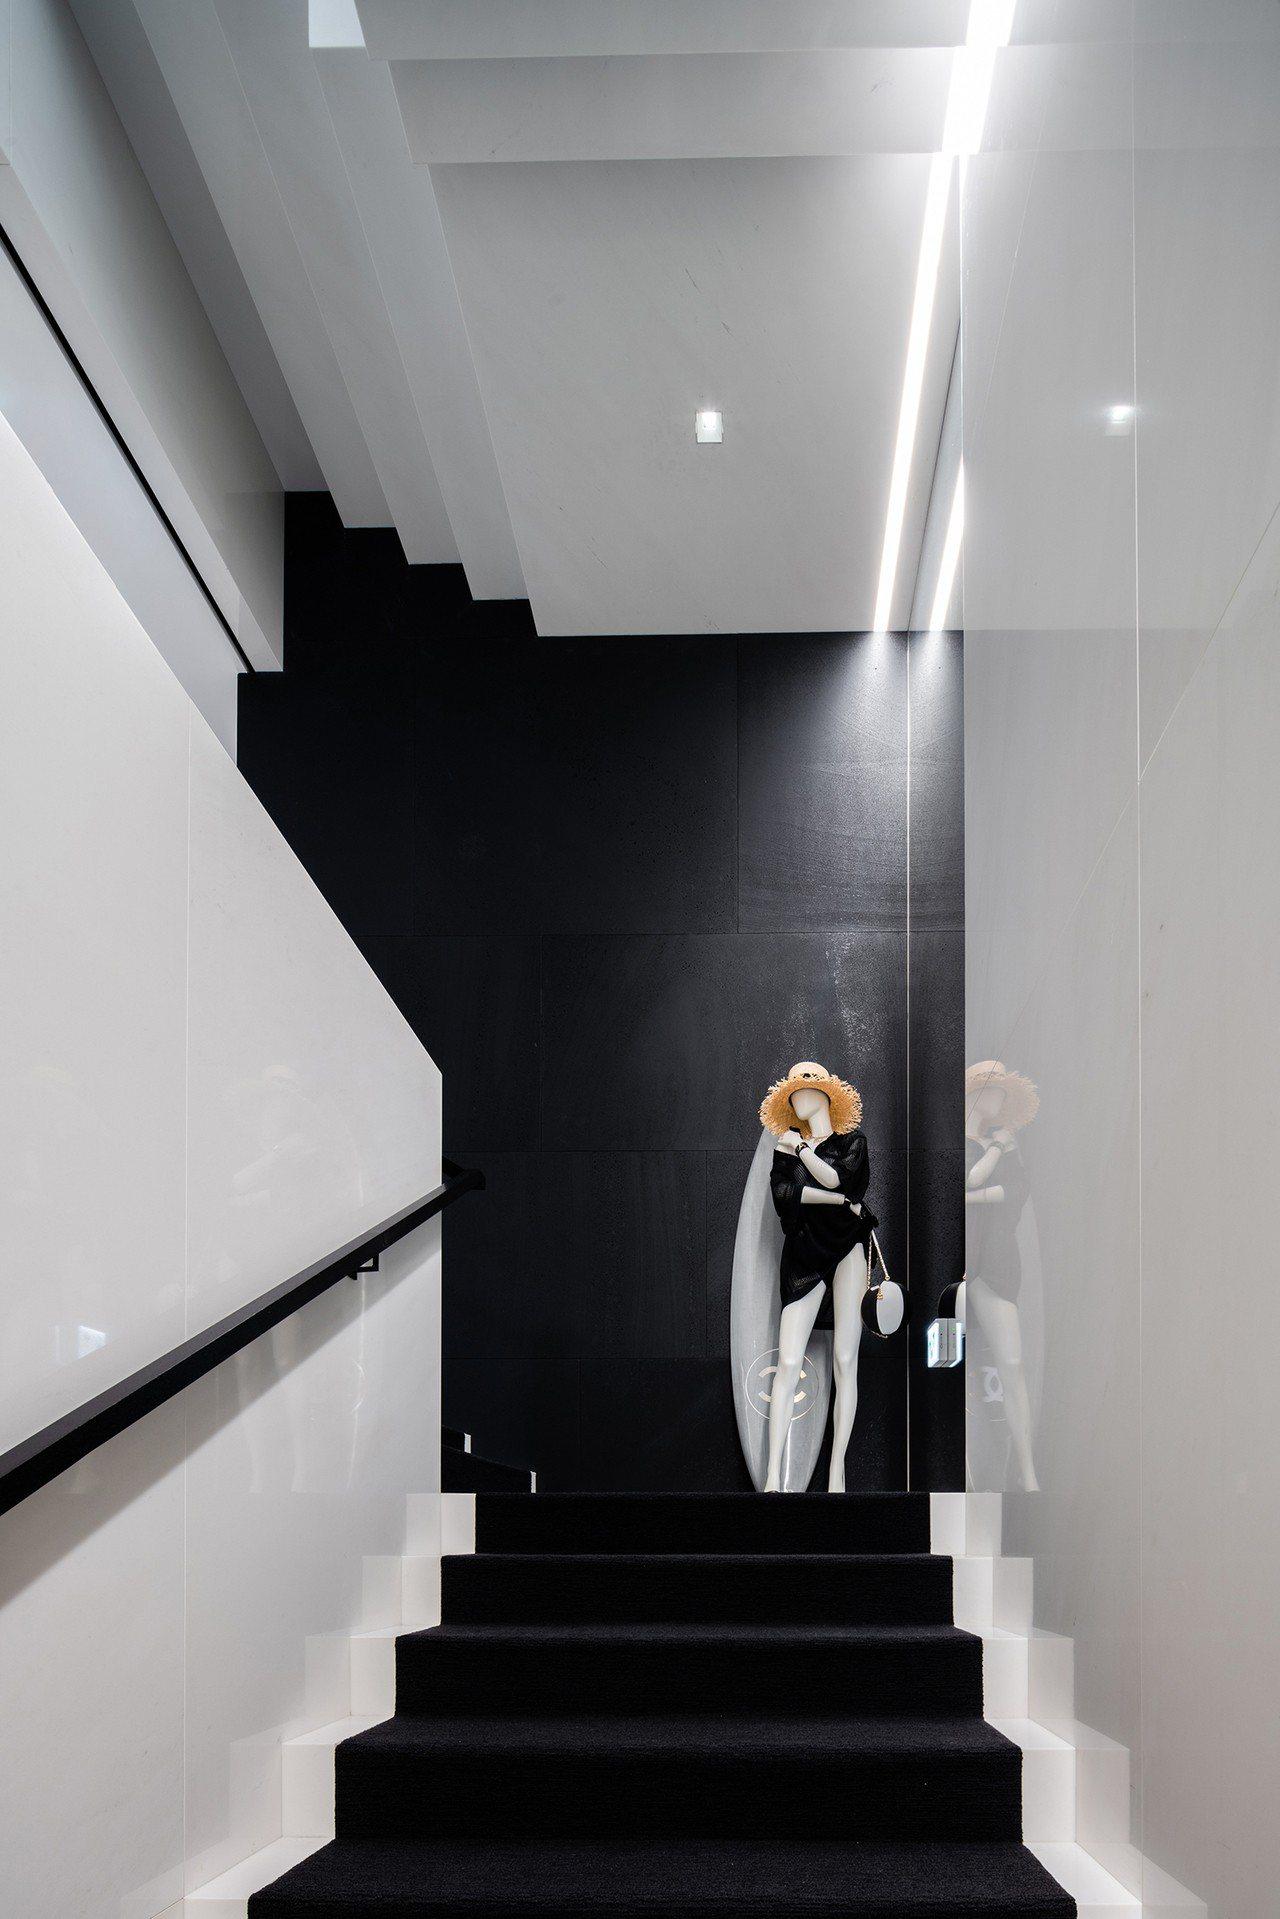 香奈兒首爾首家旗艦店由與品牌長期合作的紐約建築師Peter Marino操刀設計...